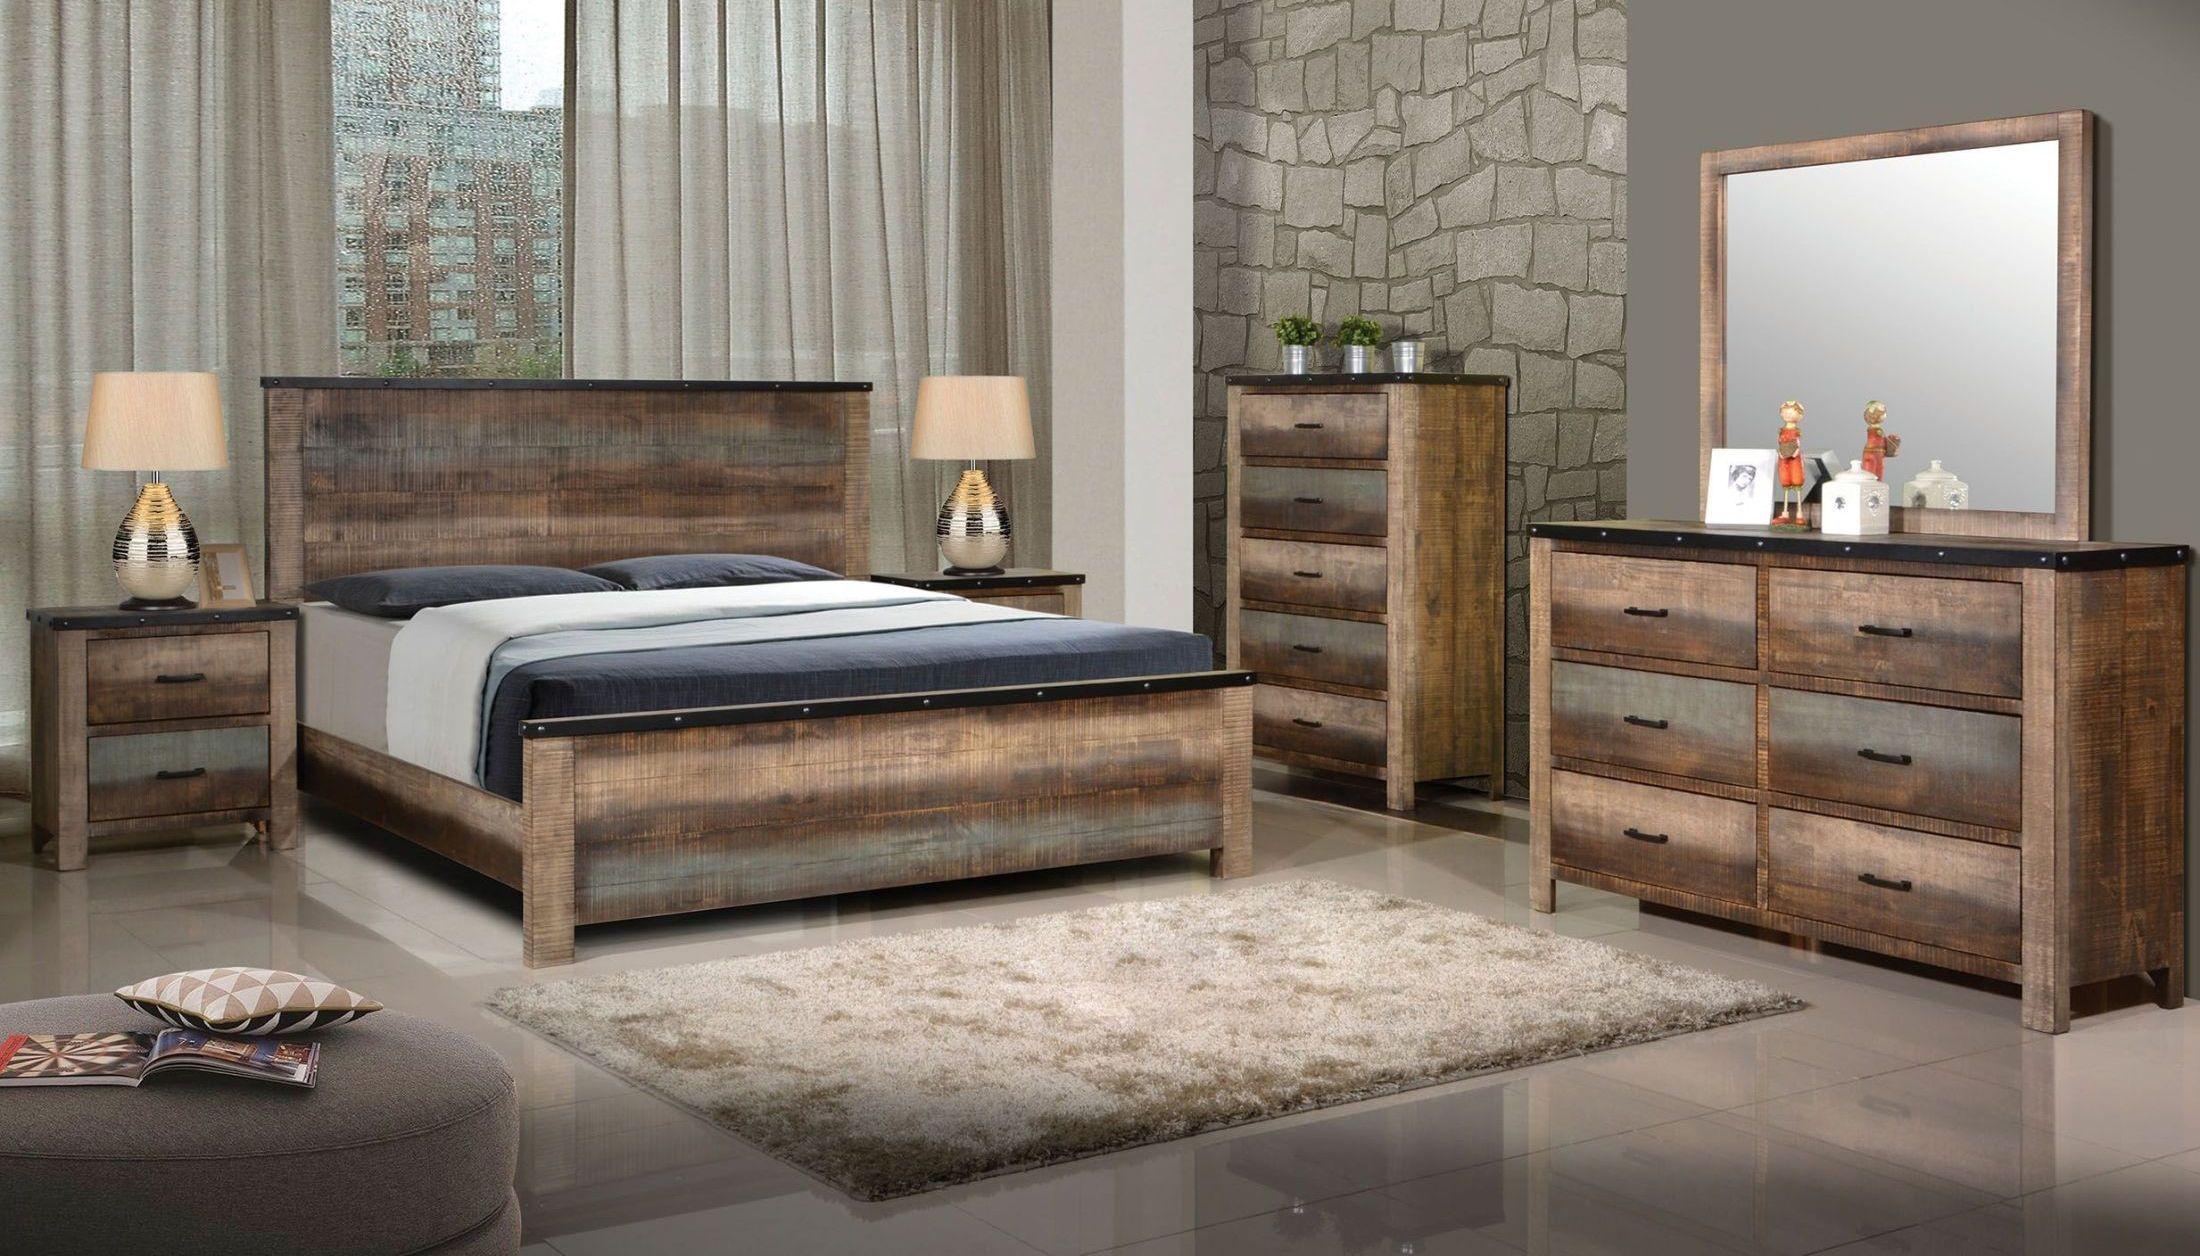 Sembene Urban Coastal Rustic Solid Wood Bedroom Set